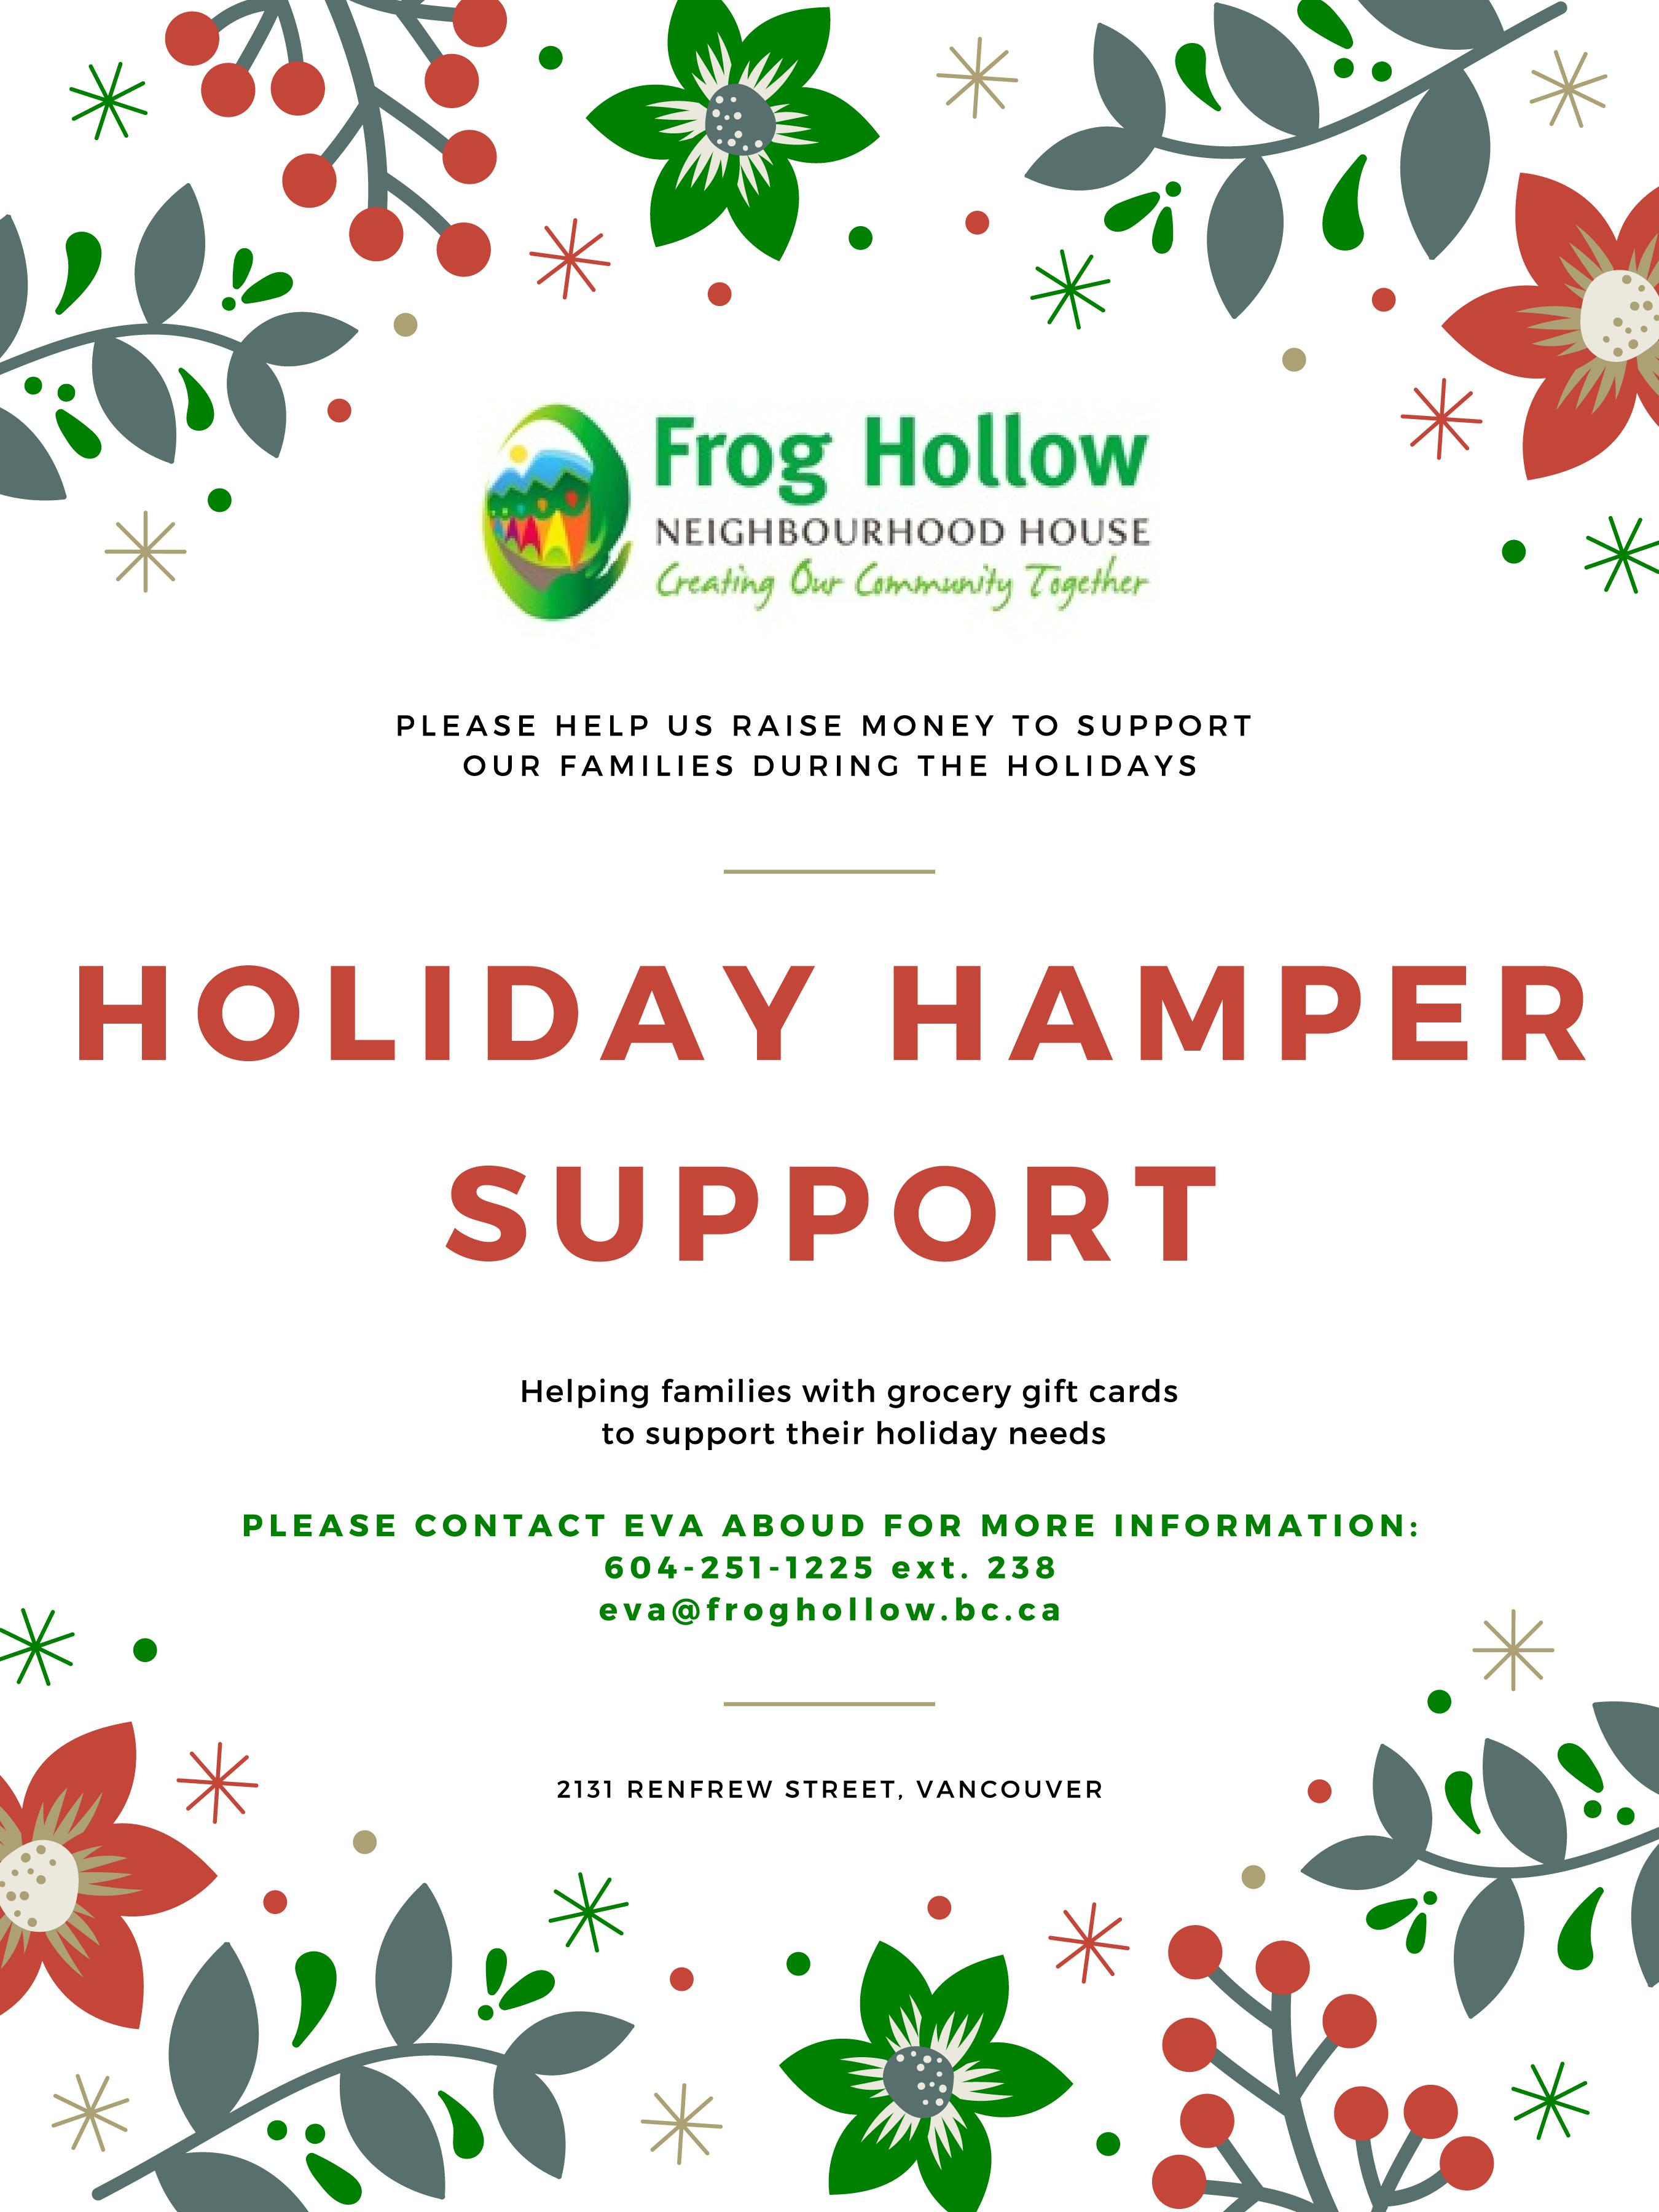 holiday-hamper-support-flyer.png